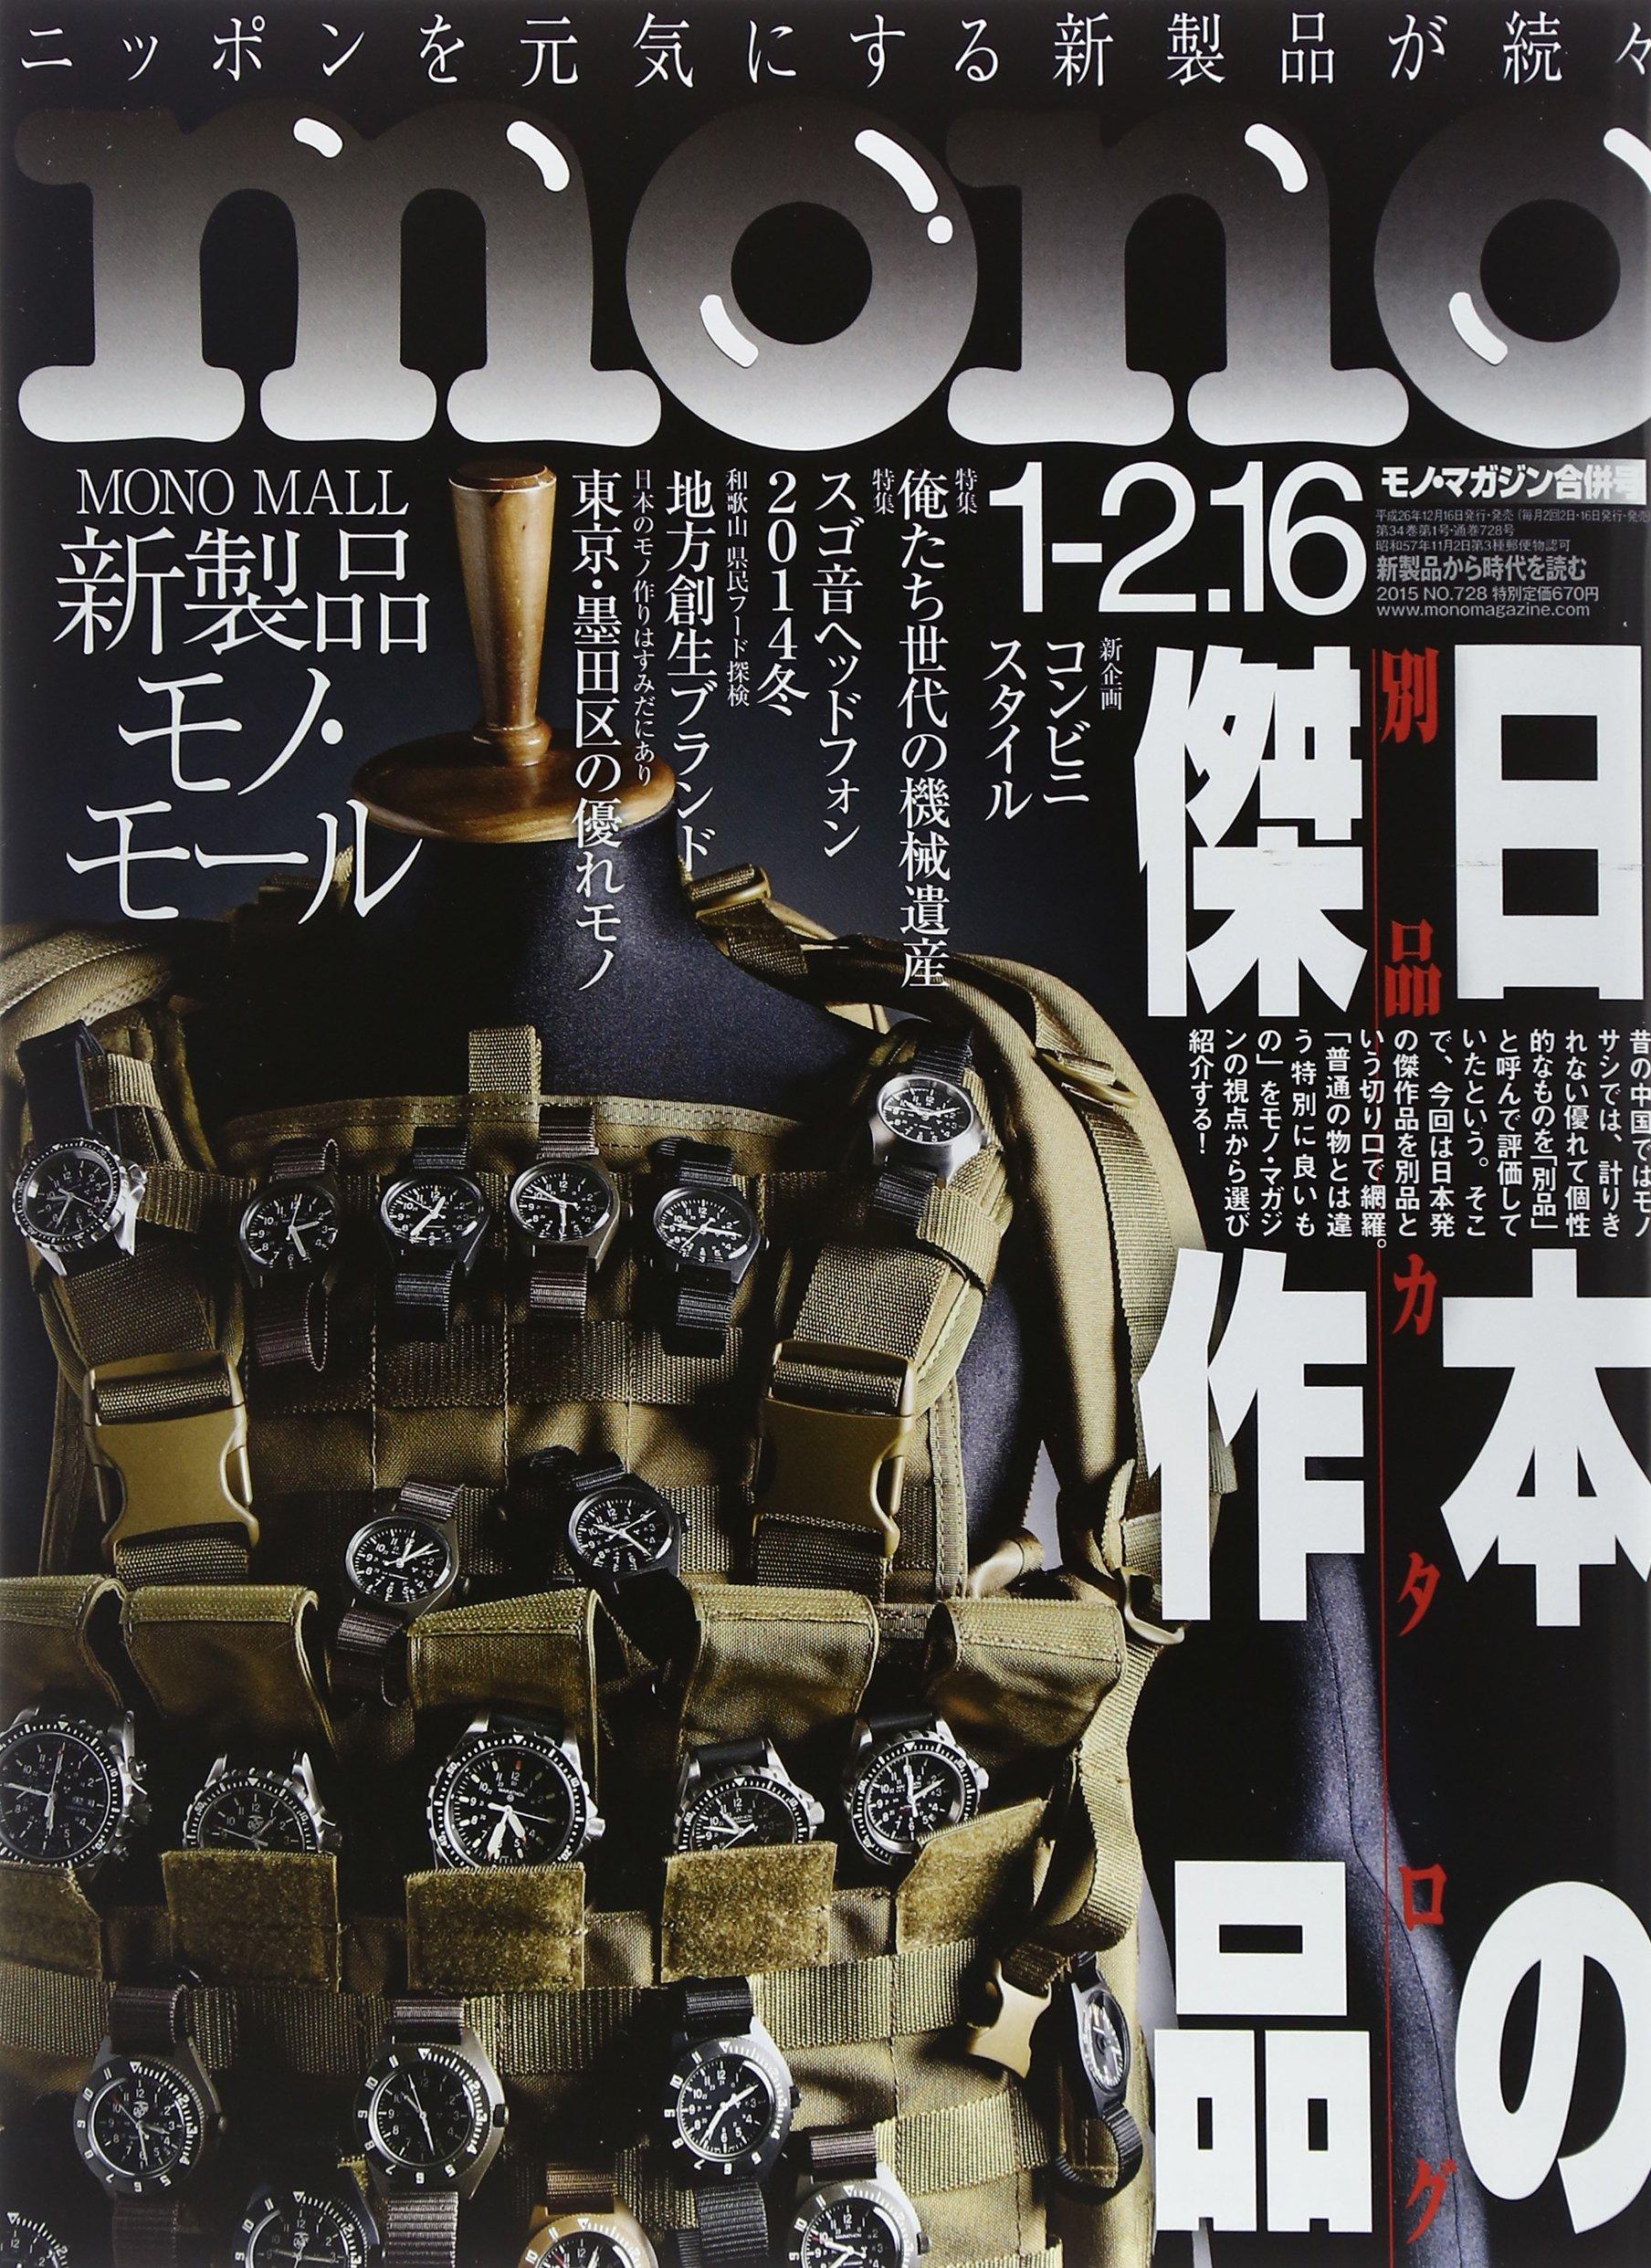 モノマガジン(mono magazine) 1/2-16号 日本の傑作品